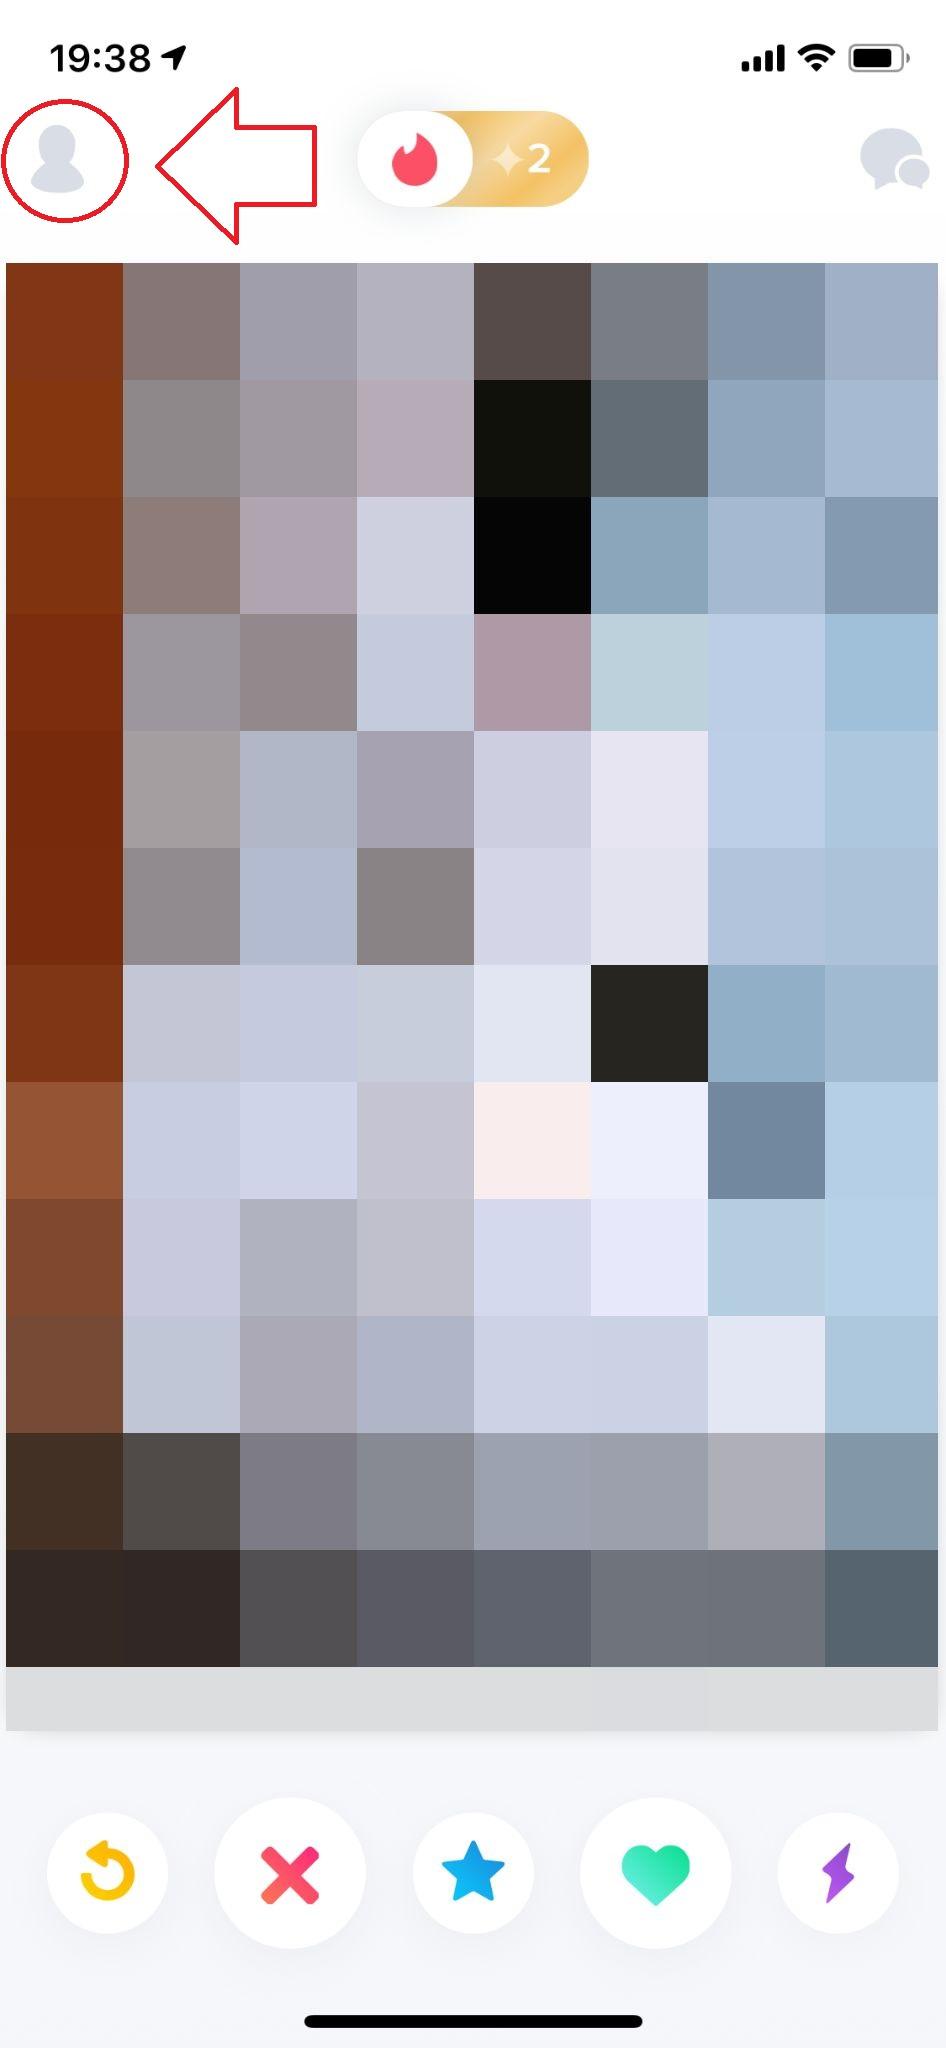 写真とプロフィールを設定するには、左上のアイコンをタップしましょう。